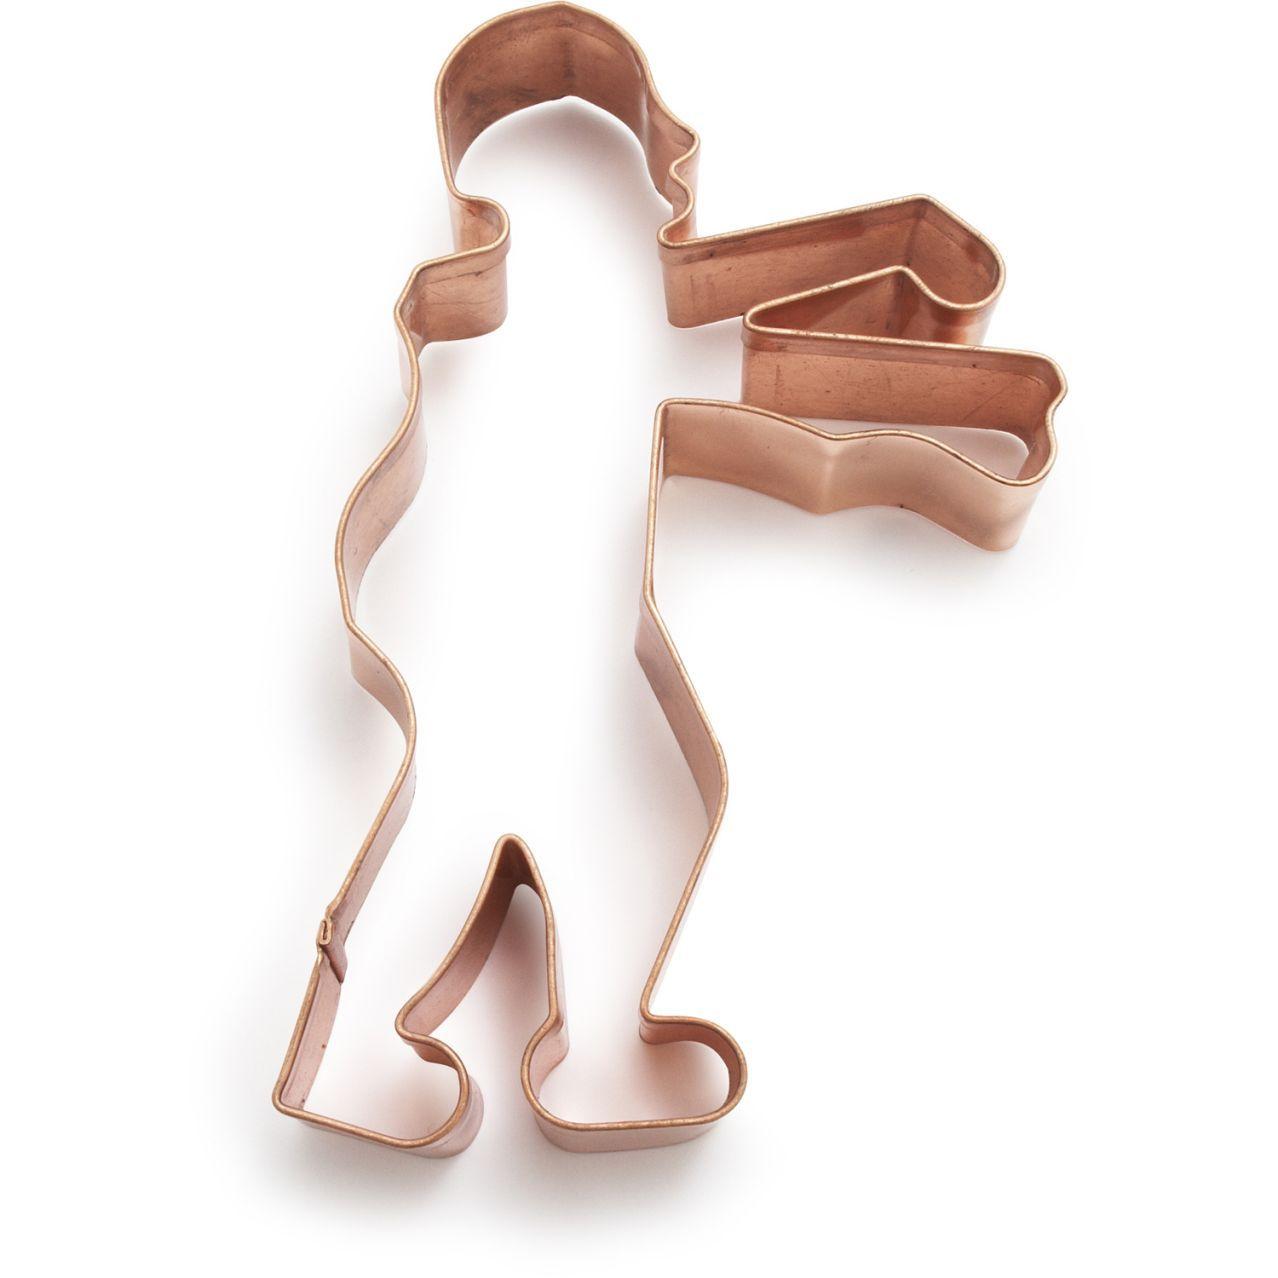 Zombie Cookie Cutter - Sur La Table